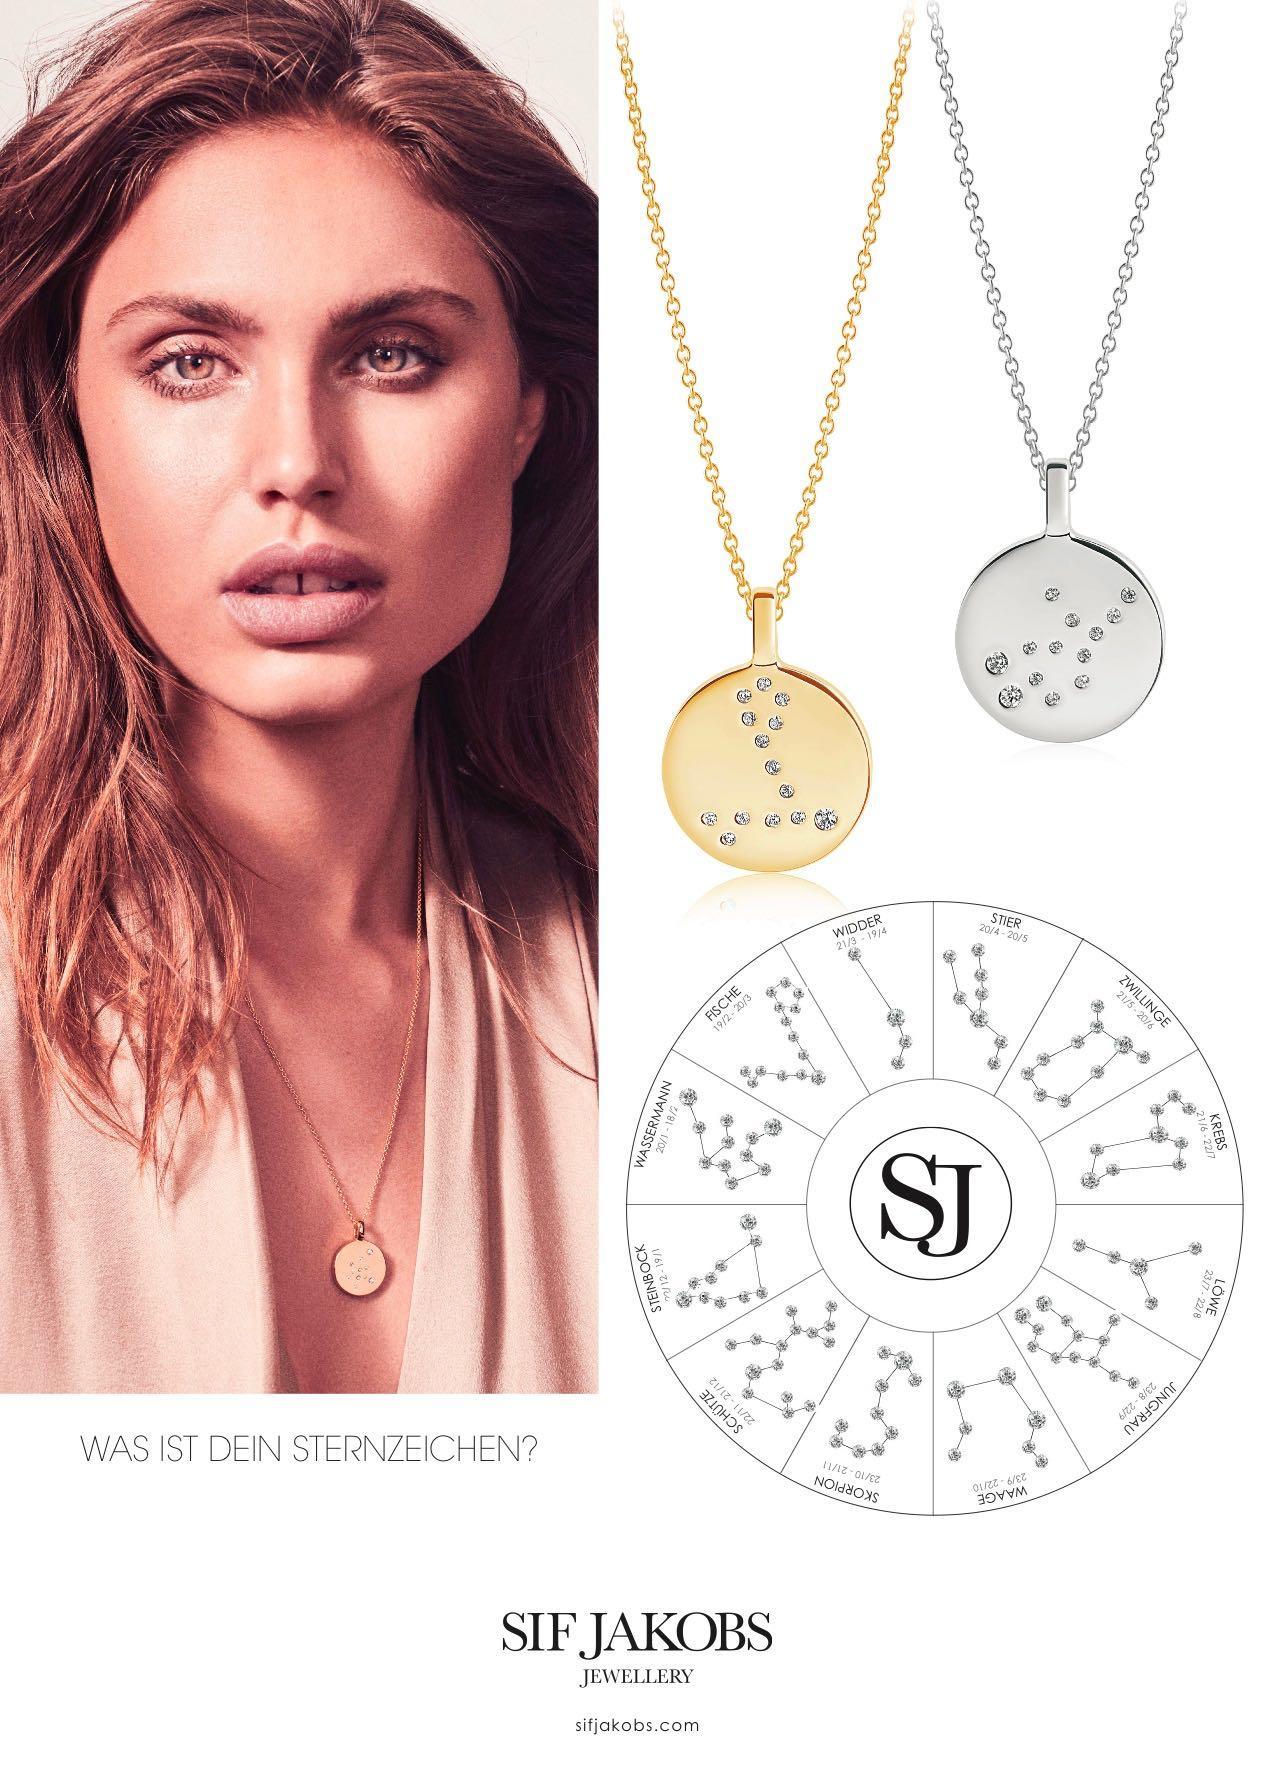 Sternzeichen-Kette von Sif Jakobs Jewellery